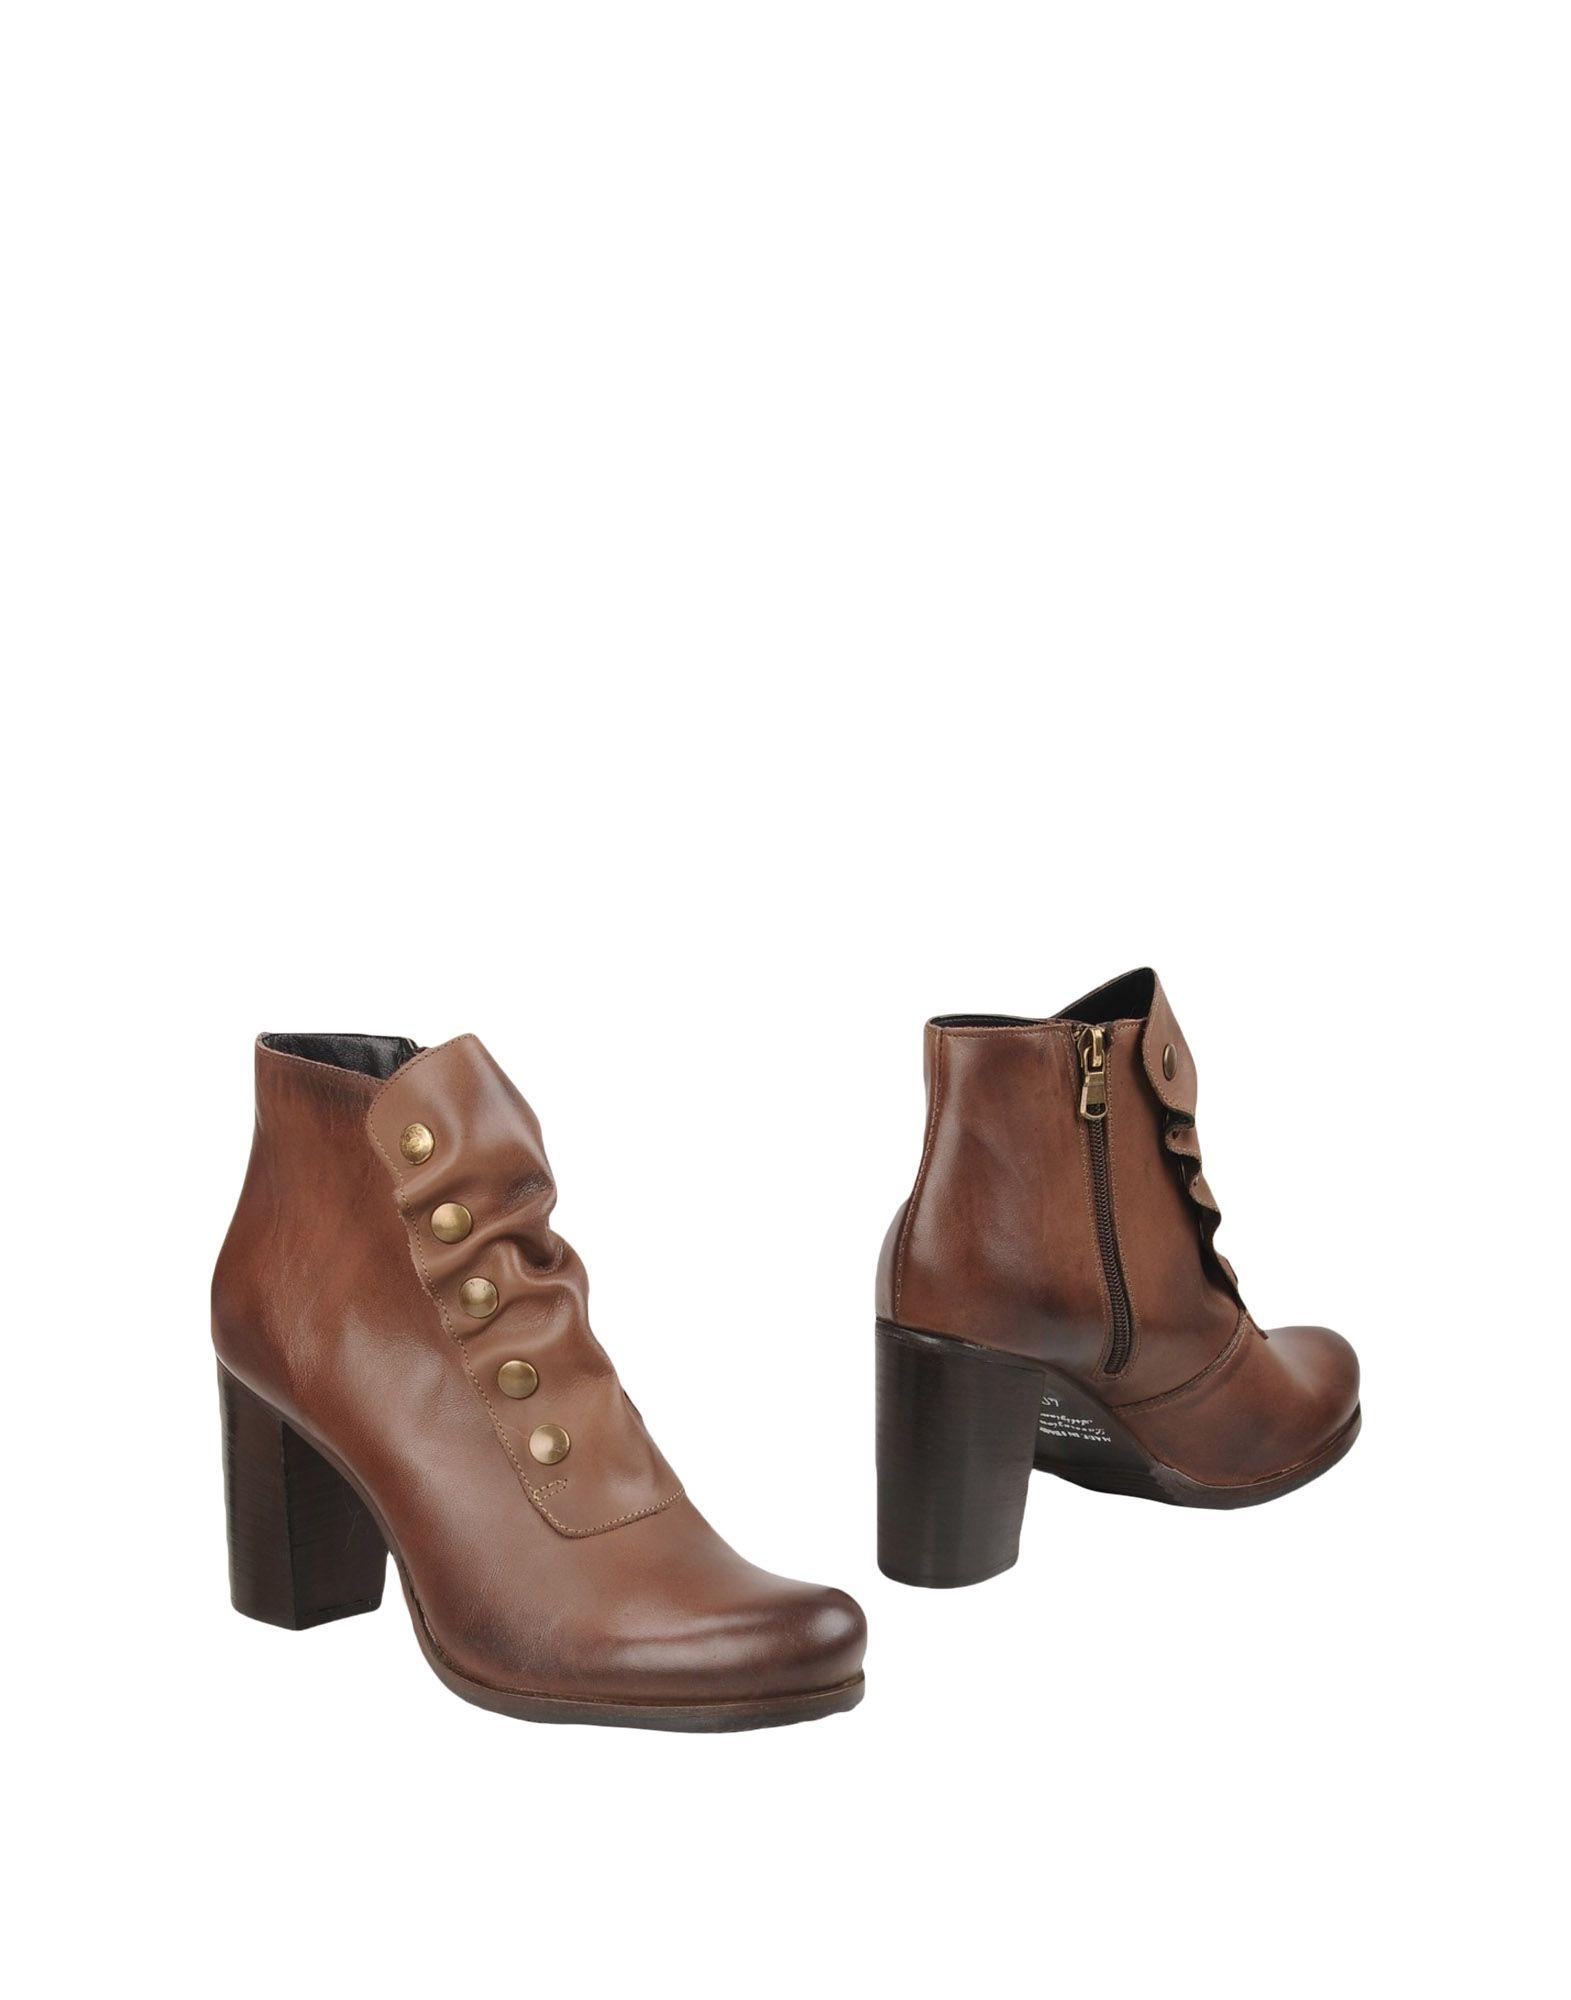 Pierre Darré Stiefelette Damen  11325642HX Gute Qualität beliebte Schuhe